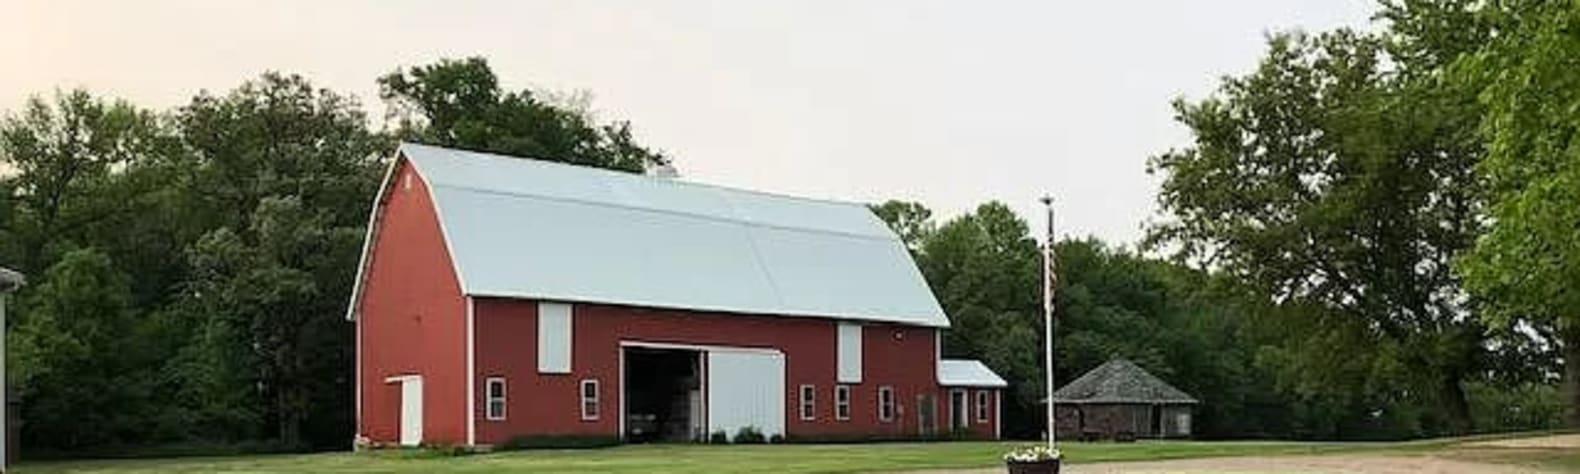 Heather's Hobby Farm